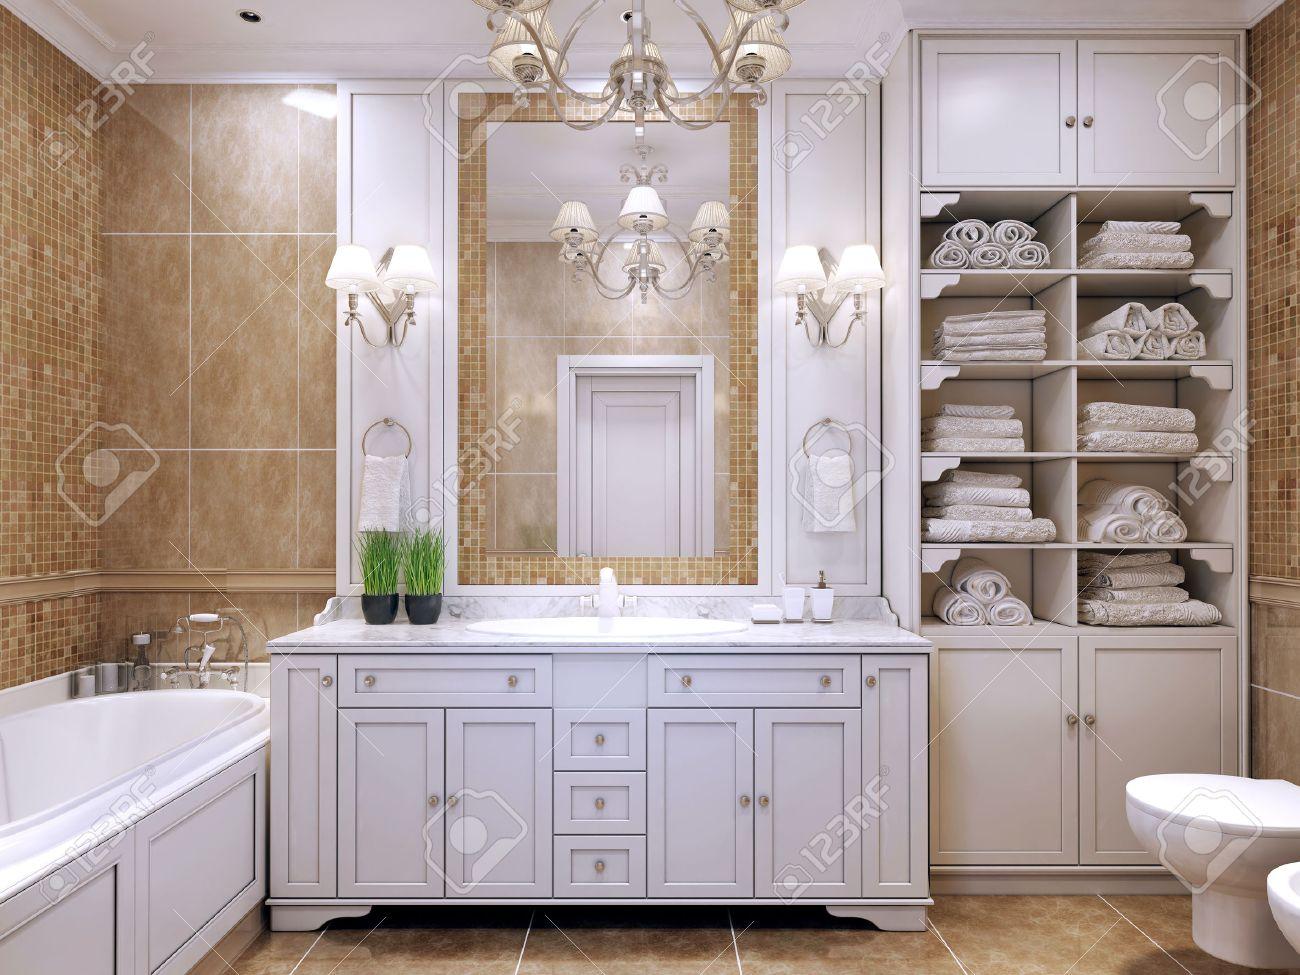 meubles de salle de bains classique couleur creme salle de bains avec un mobilier blanc grand miroir avec appliques et lustre luxueux agreable a